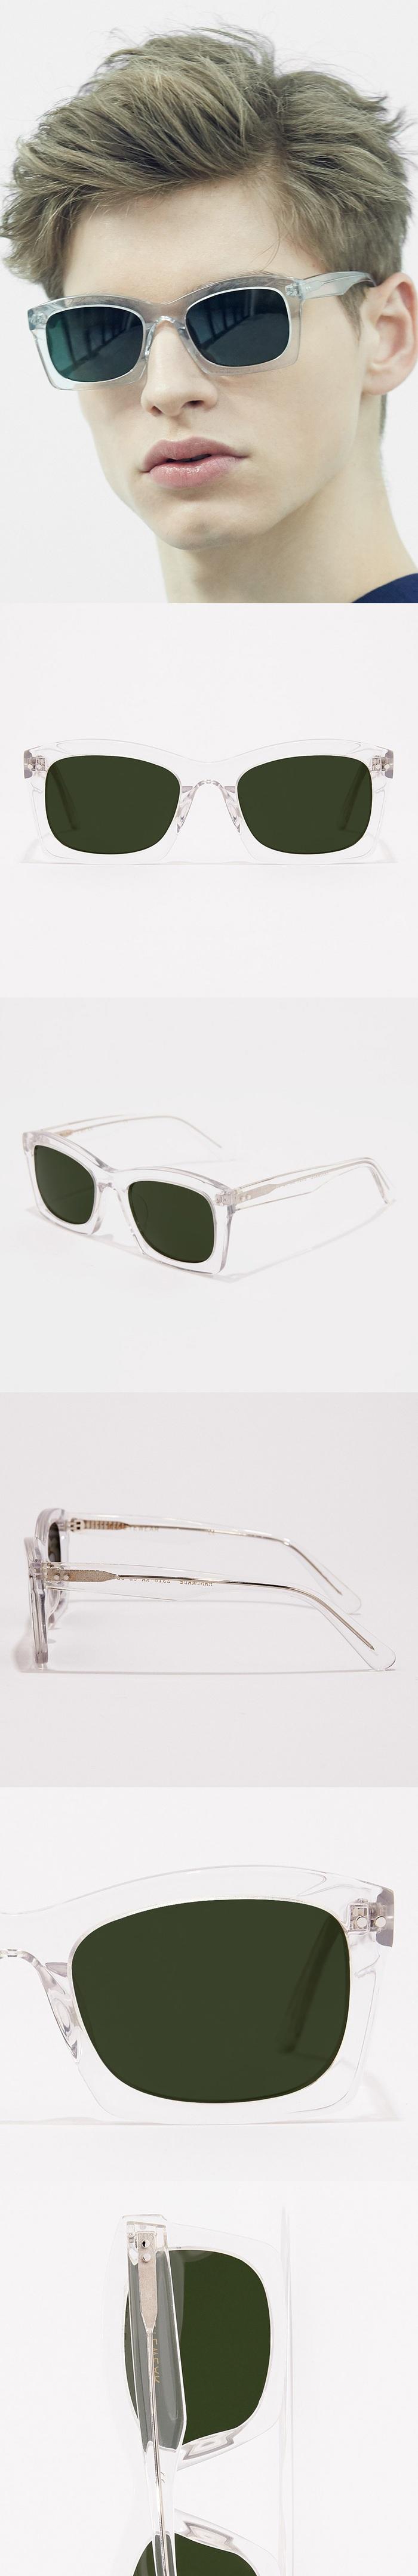 (複製)BVH|太陽眼鏡 2318-RA-01